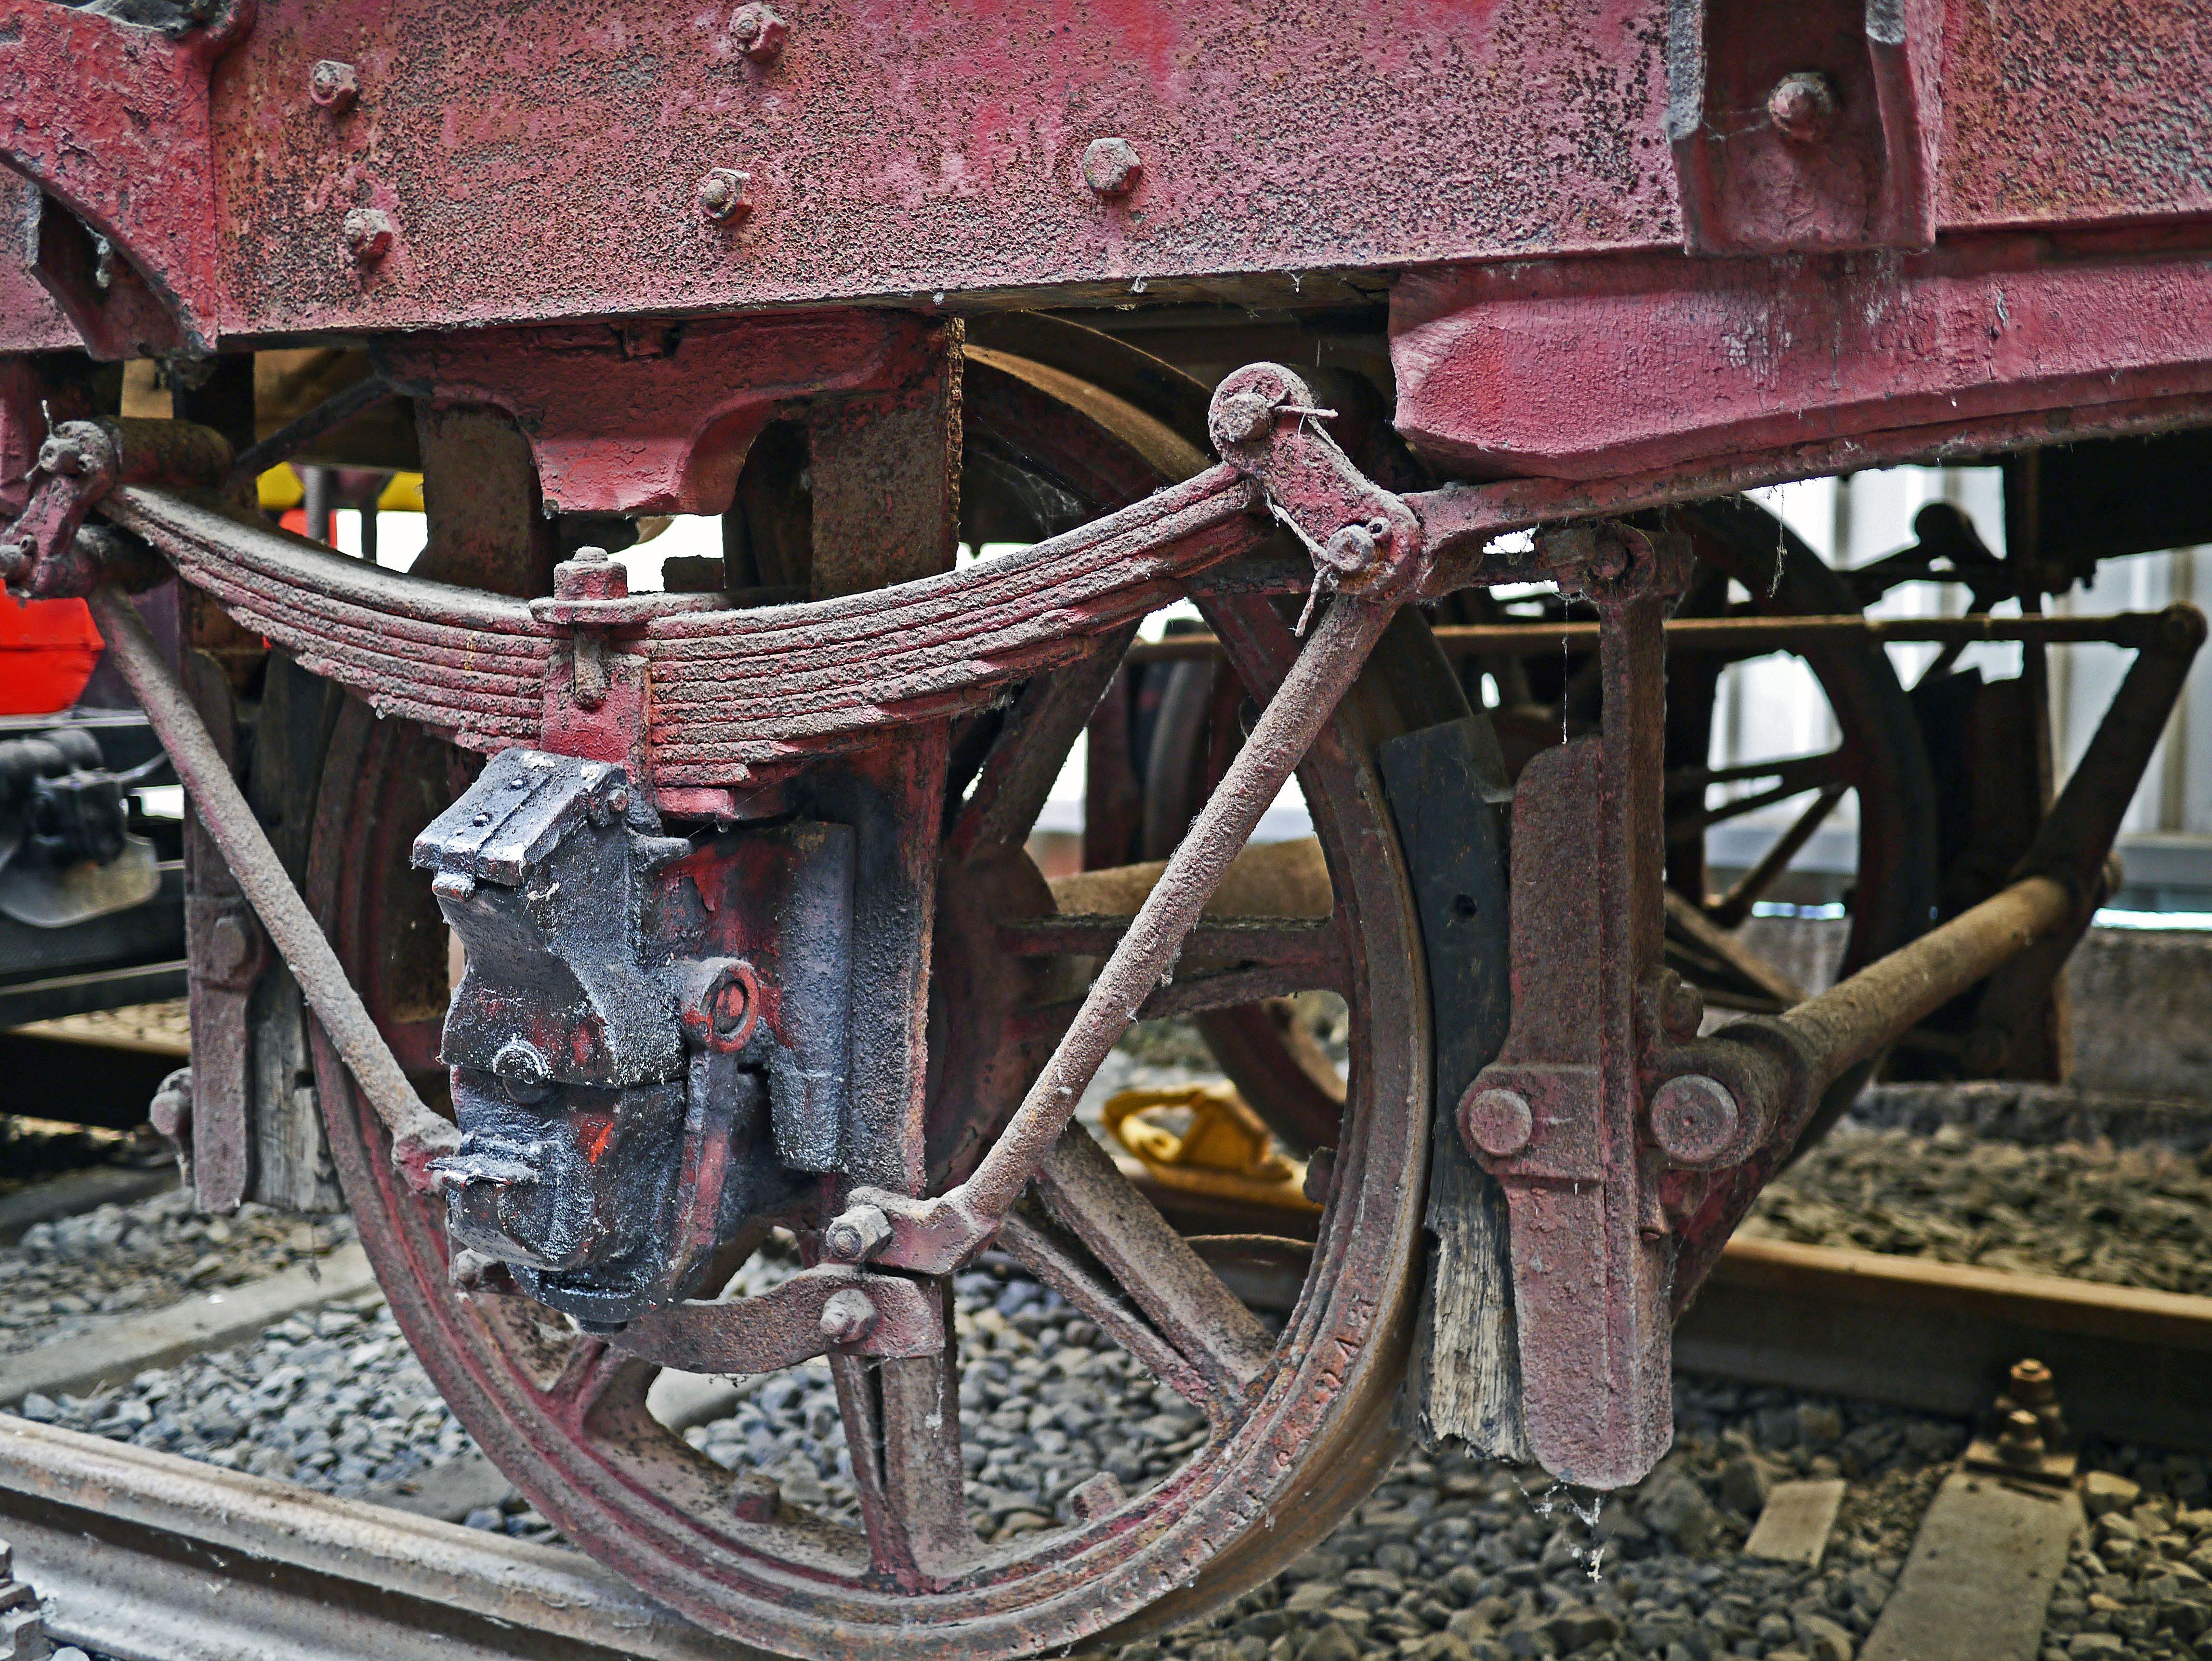 Fotos gratis : pista, antiguo, rueda, carril, vehículo, museo, marco ...